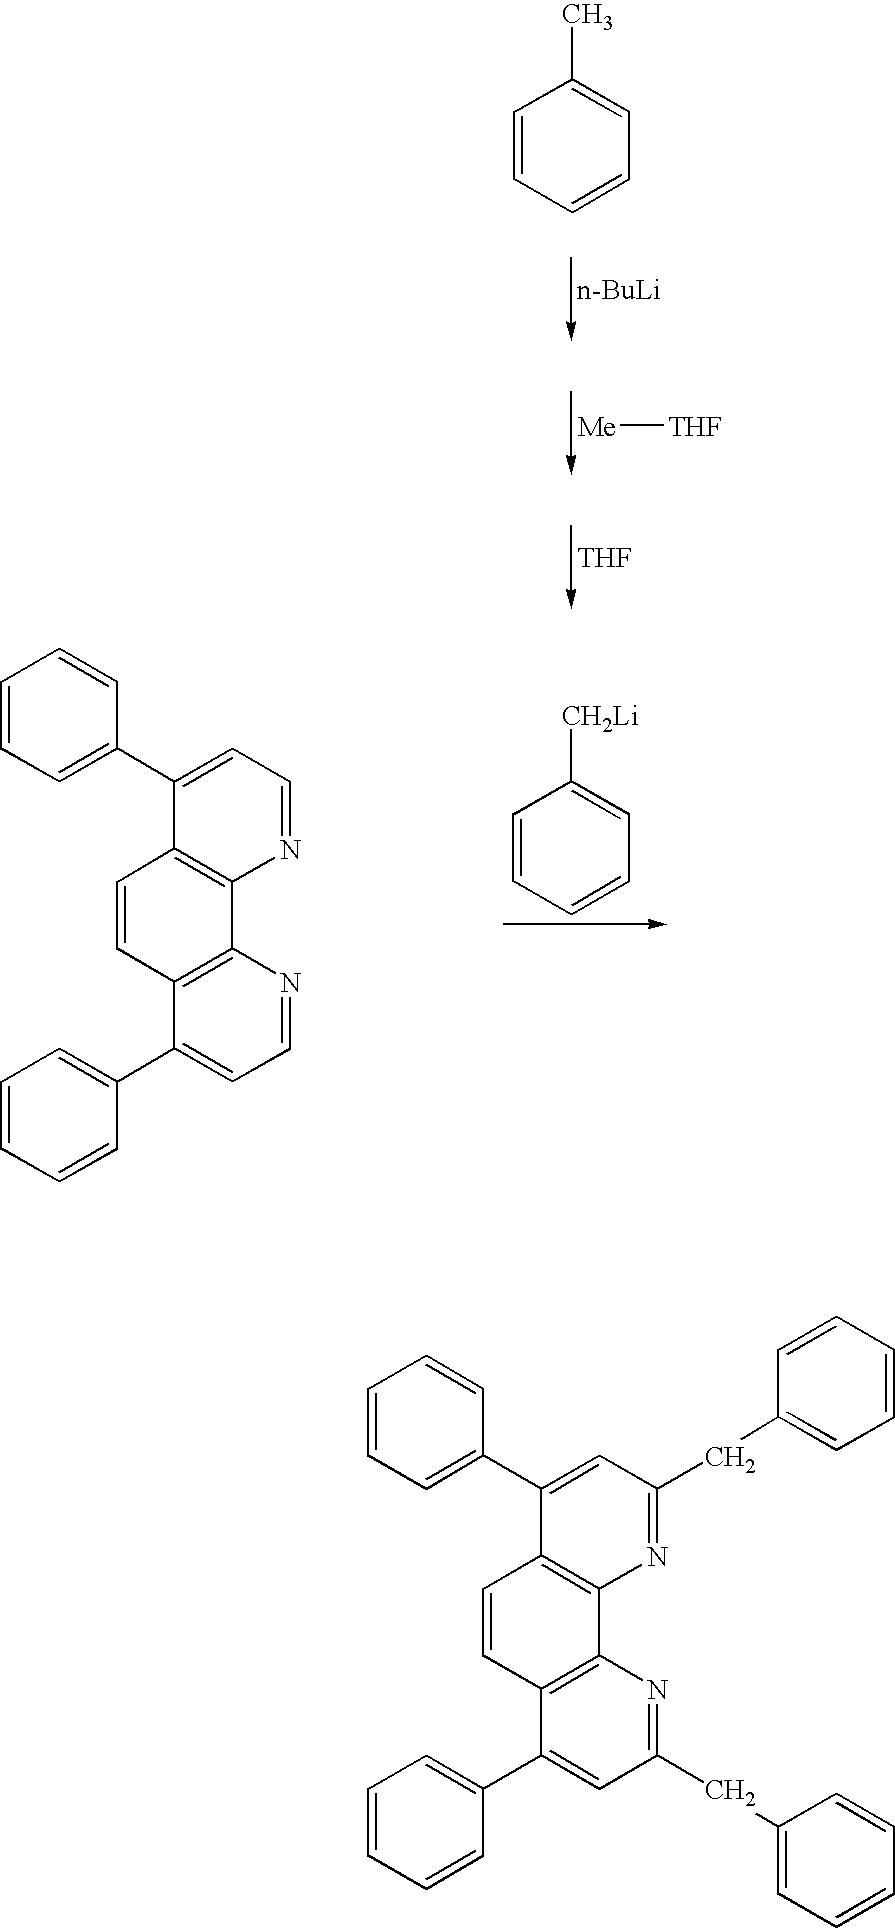 Figure US20050073641A1-20050407-C00063